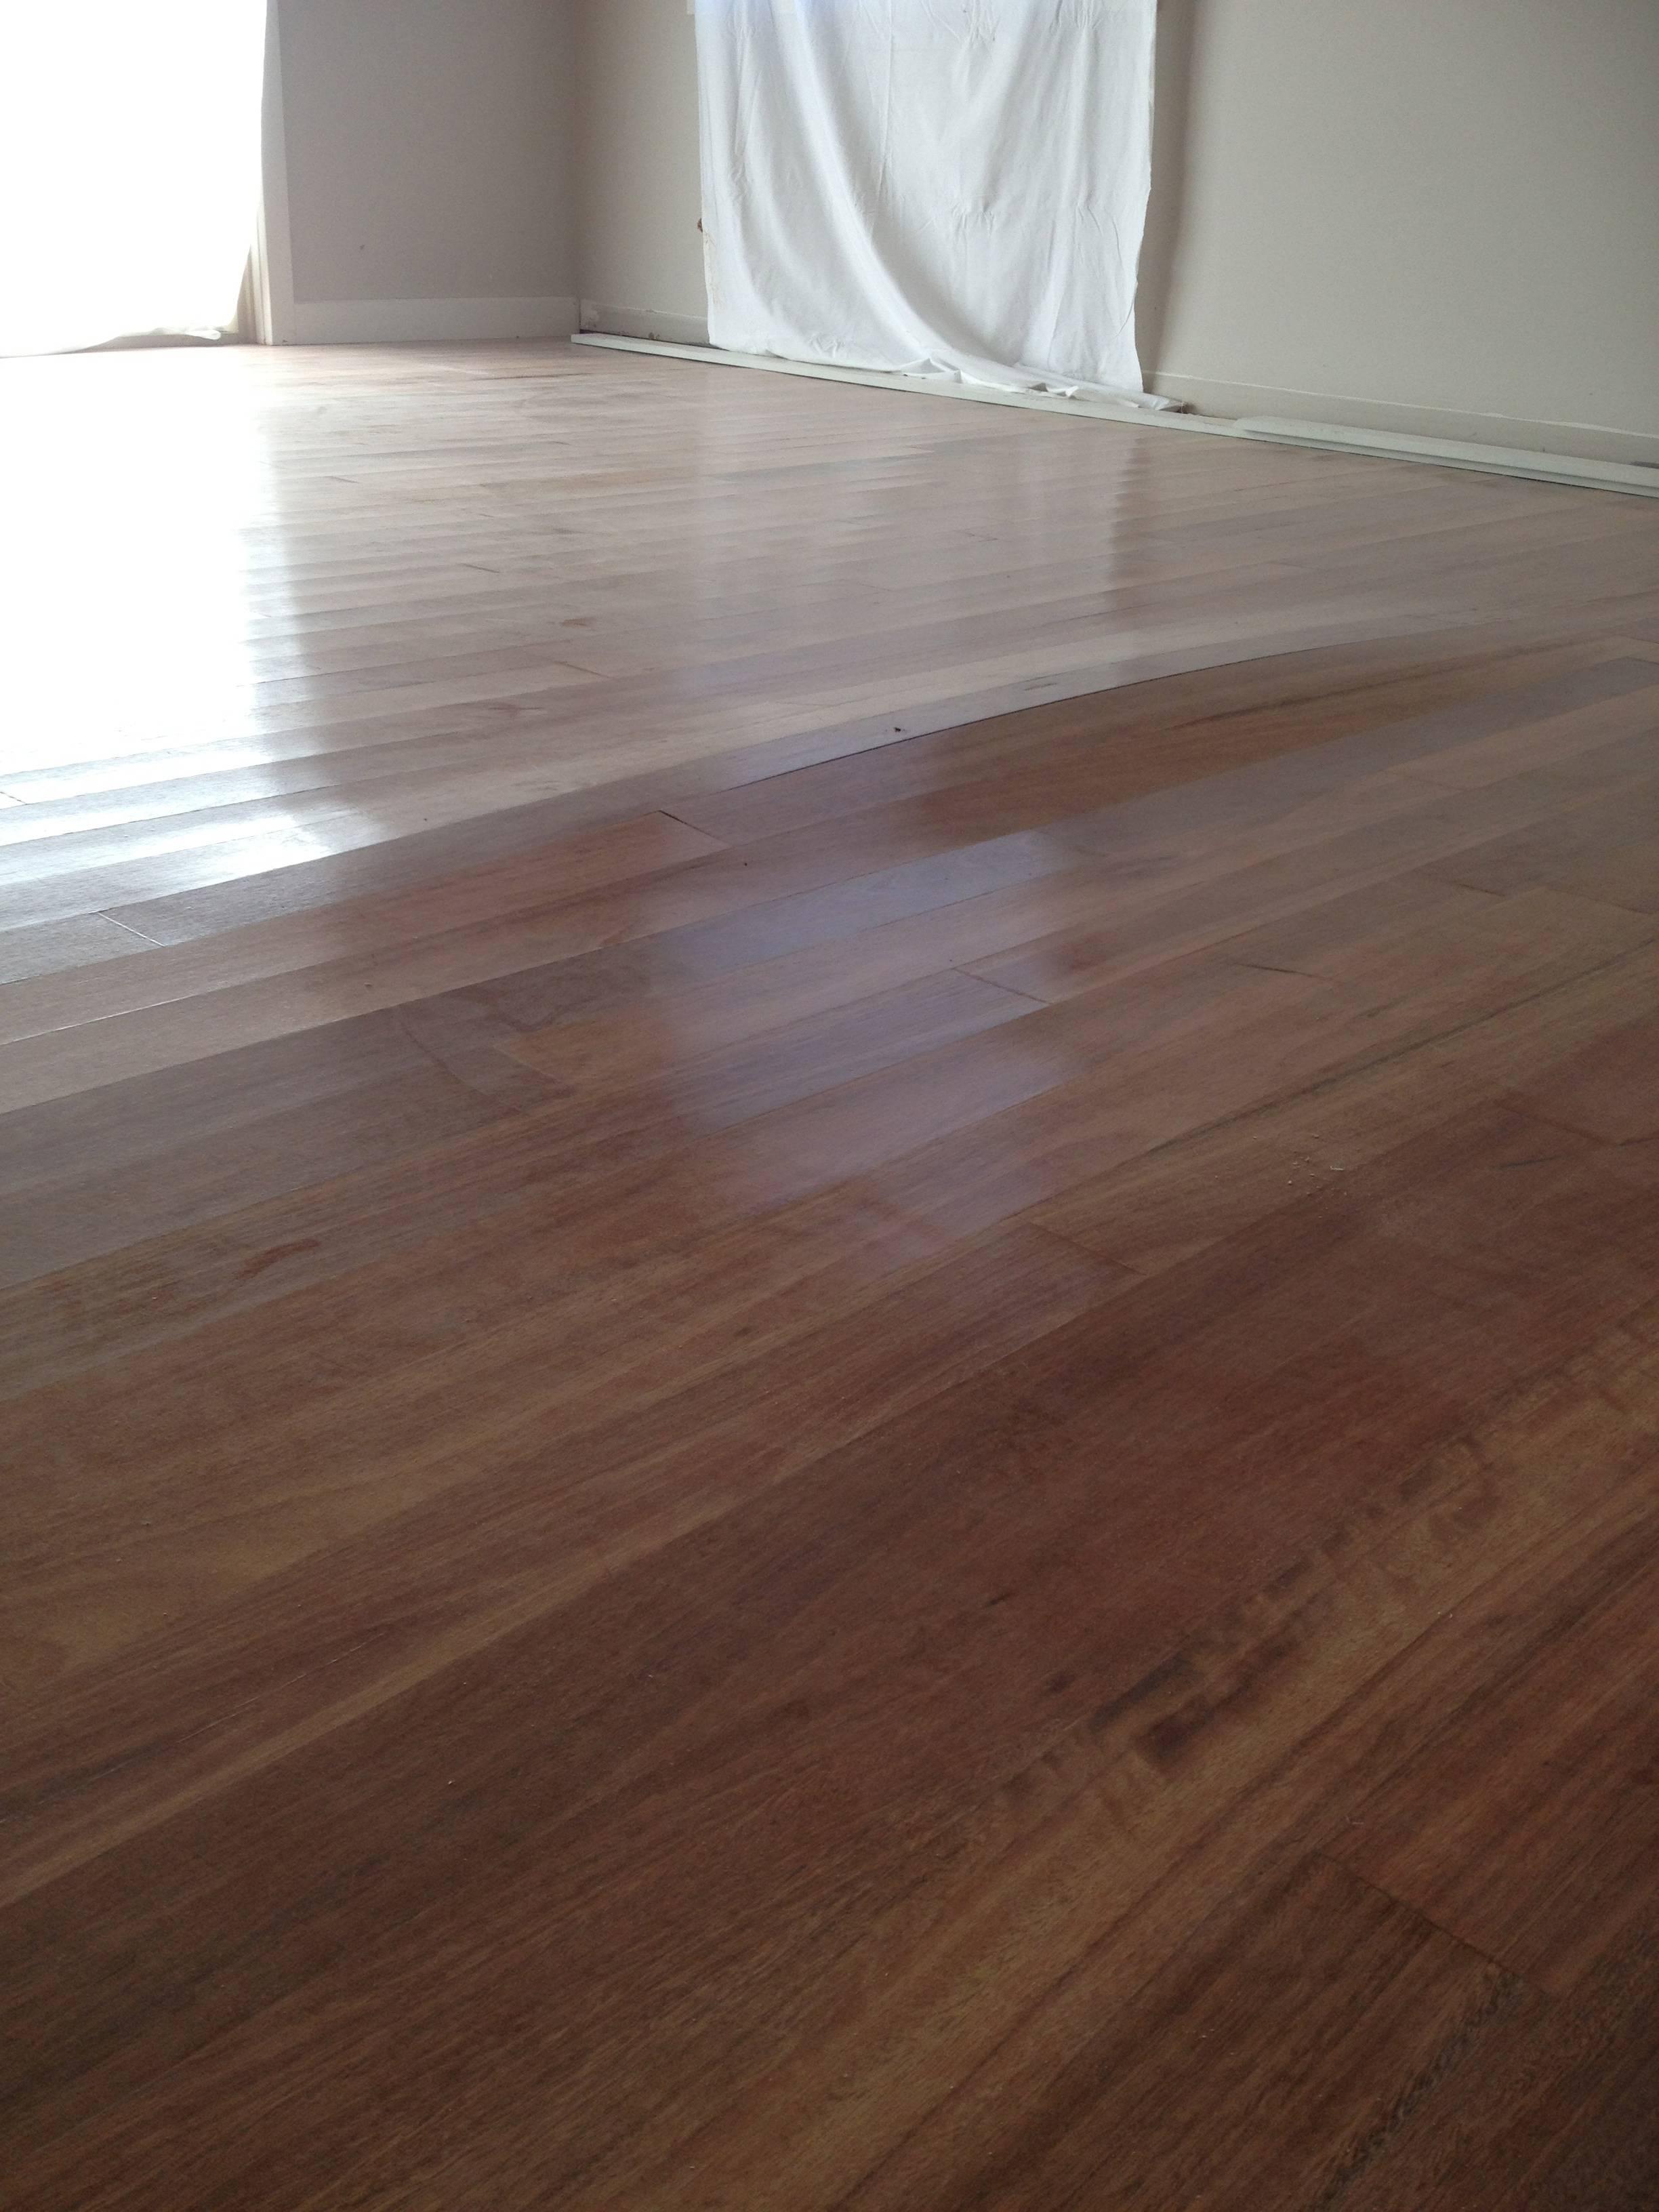 Moisture damage on wooden flooring